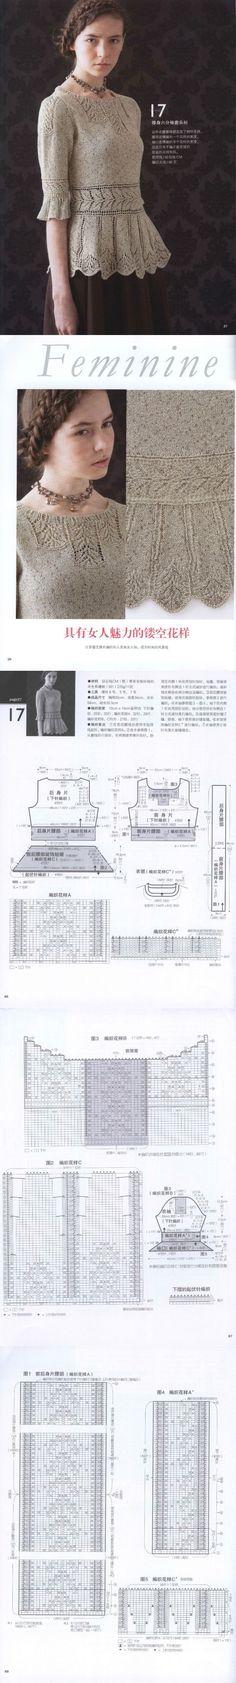 【转载】米色中袖镂空衫 - 余妈妈的日志 - 网易博客 | вязание | Постила